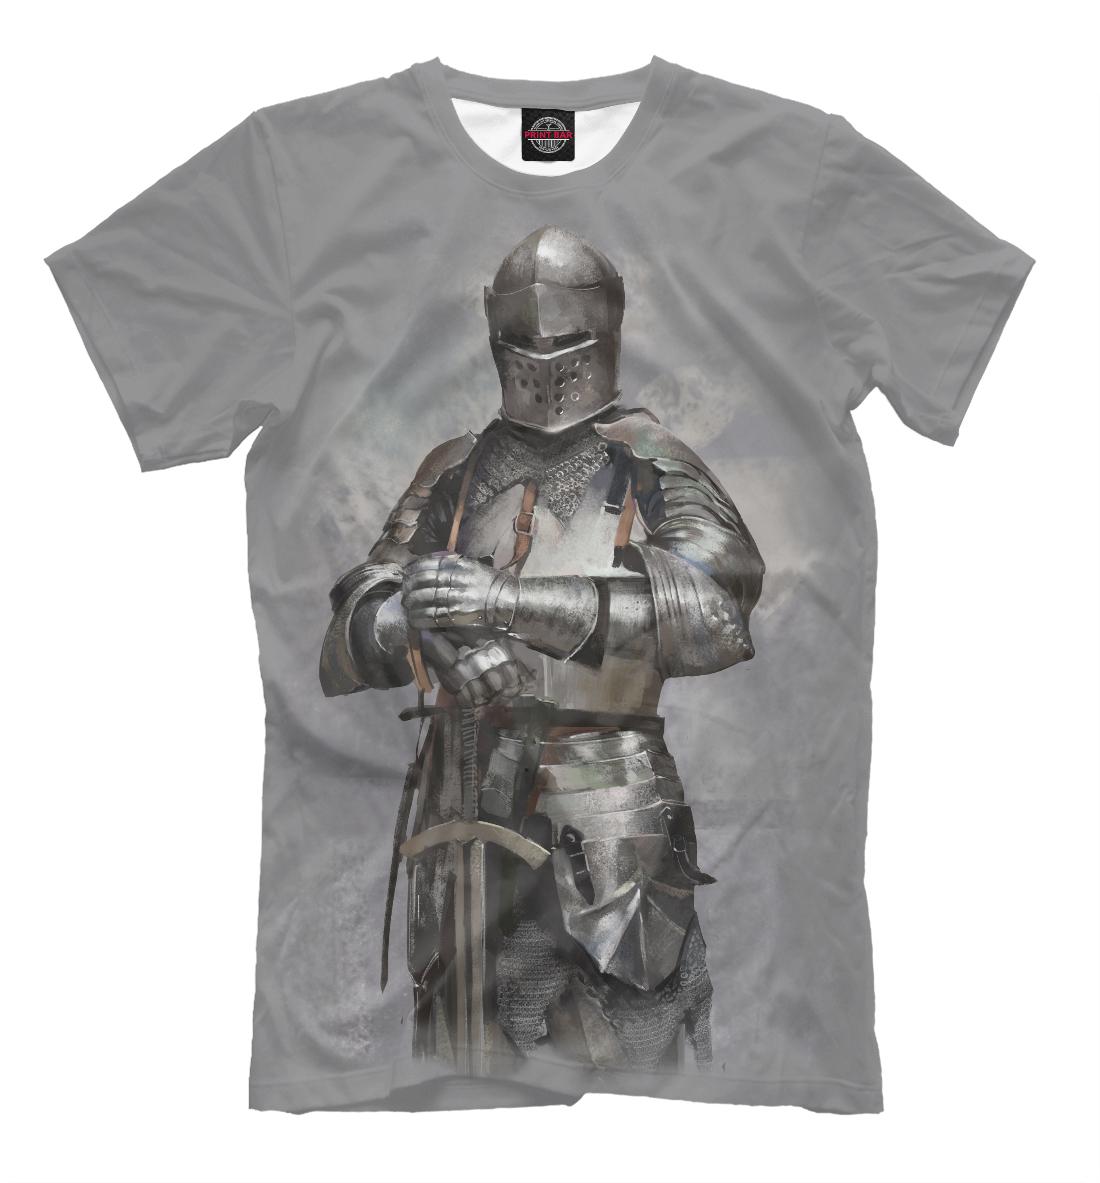 Купить Рыцарь, Printbar, Футболки, APD-747799-fut-2